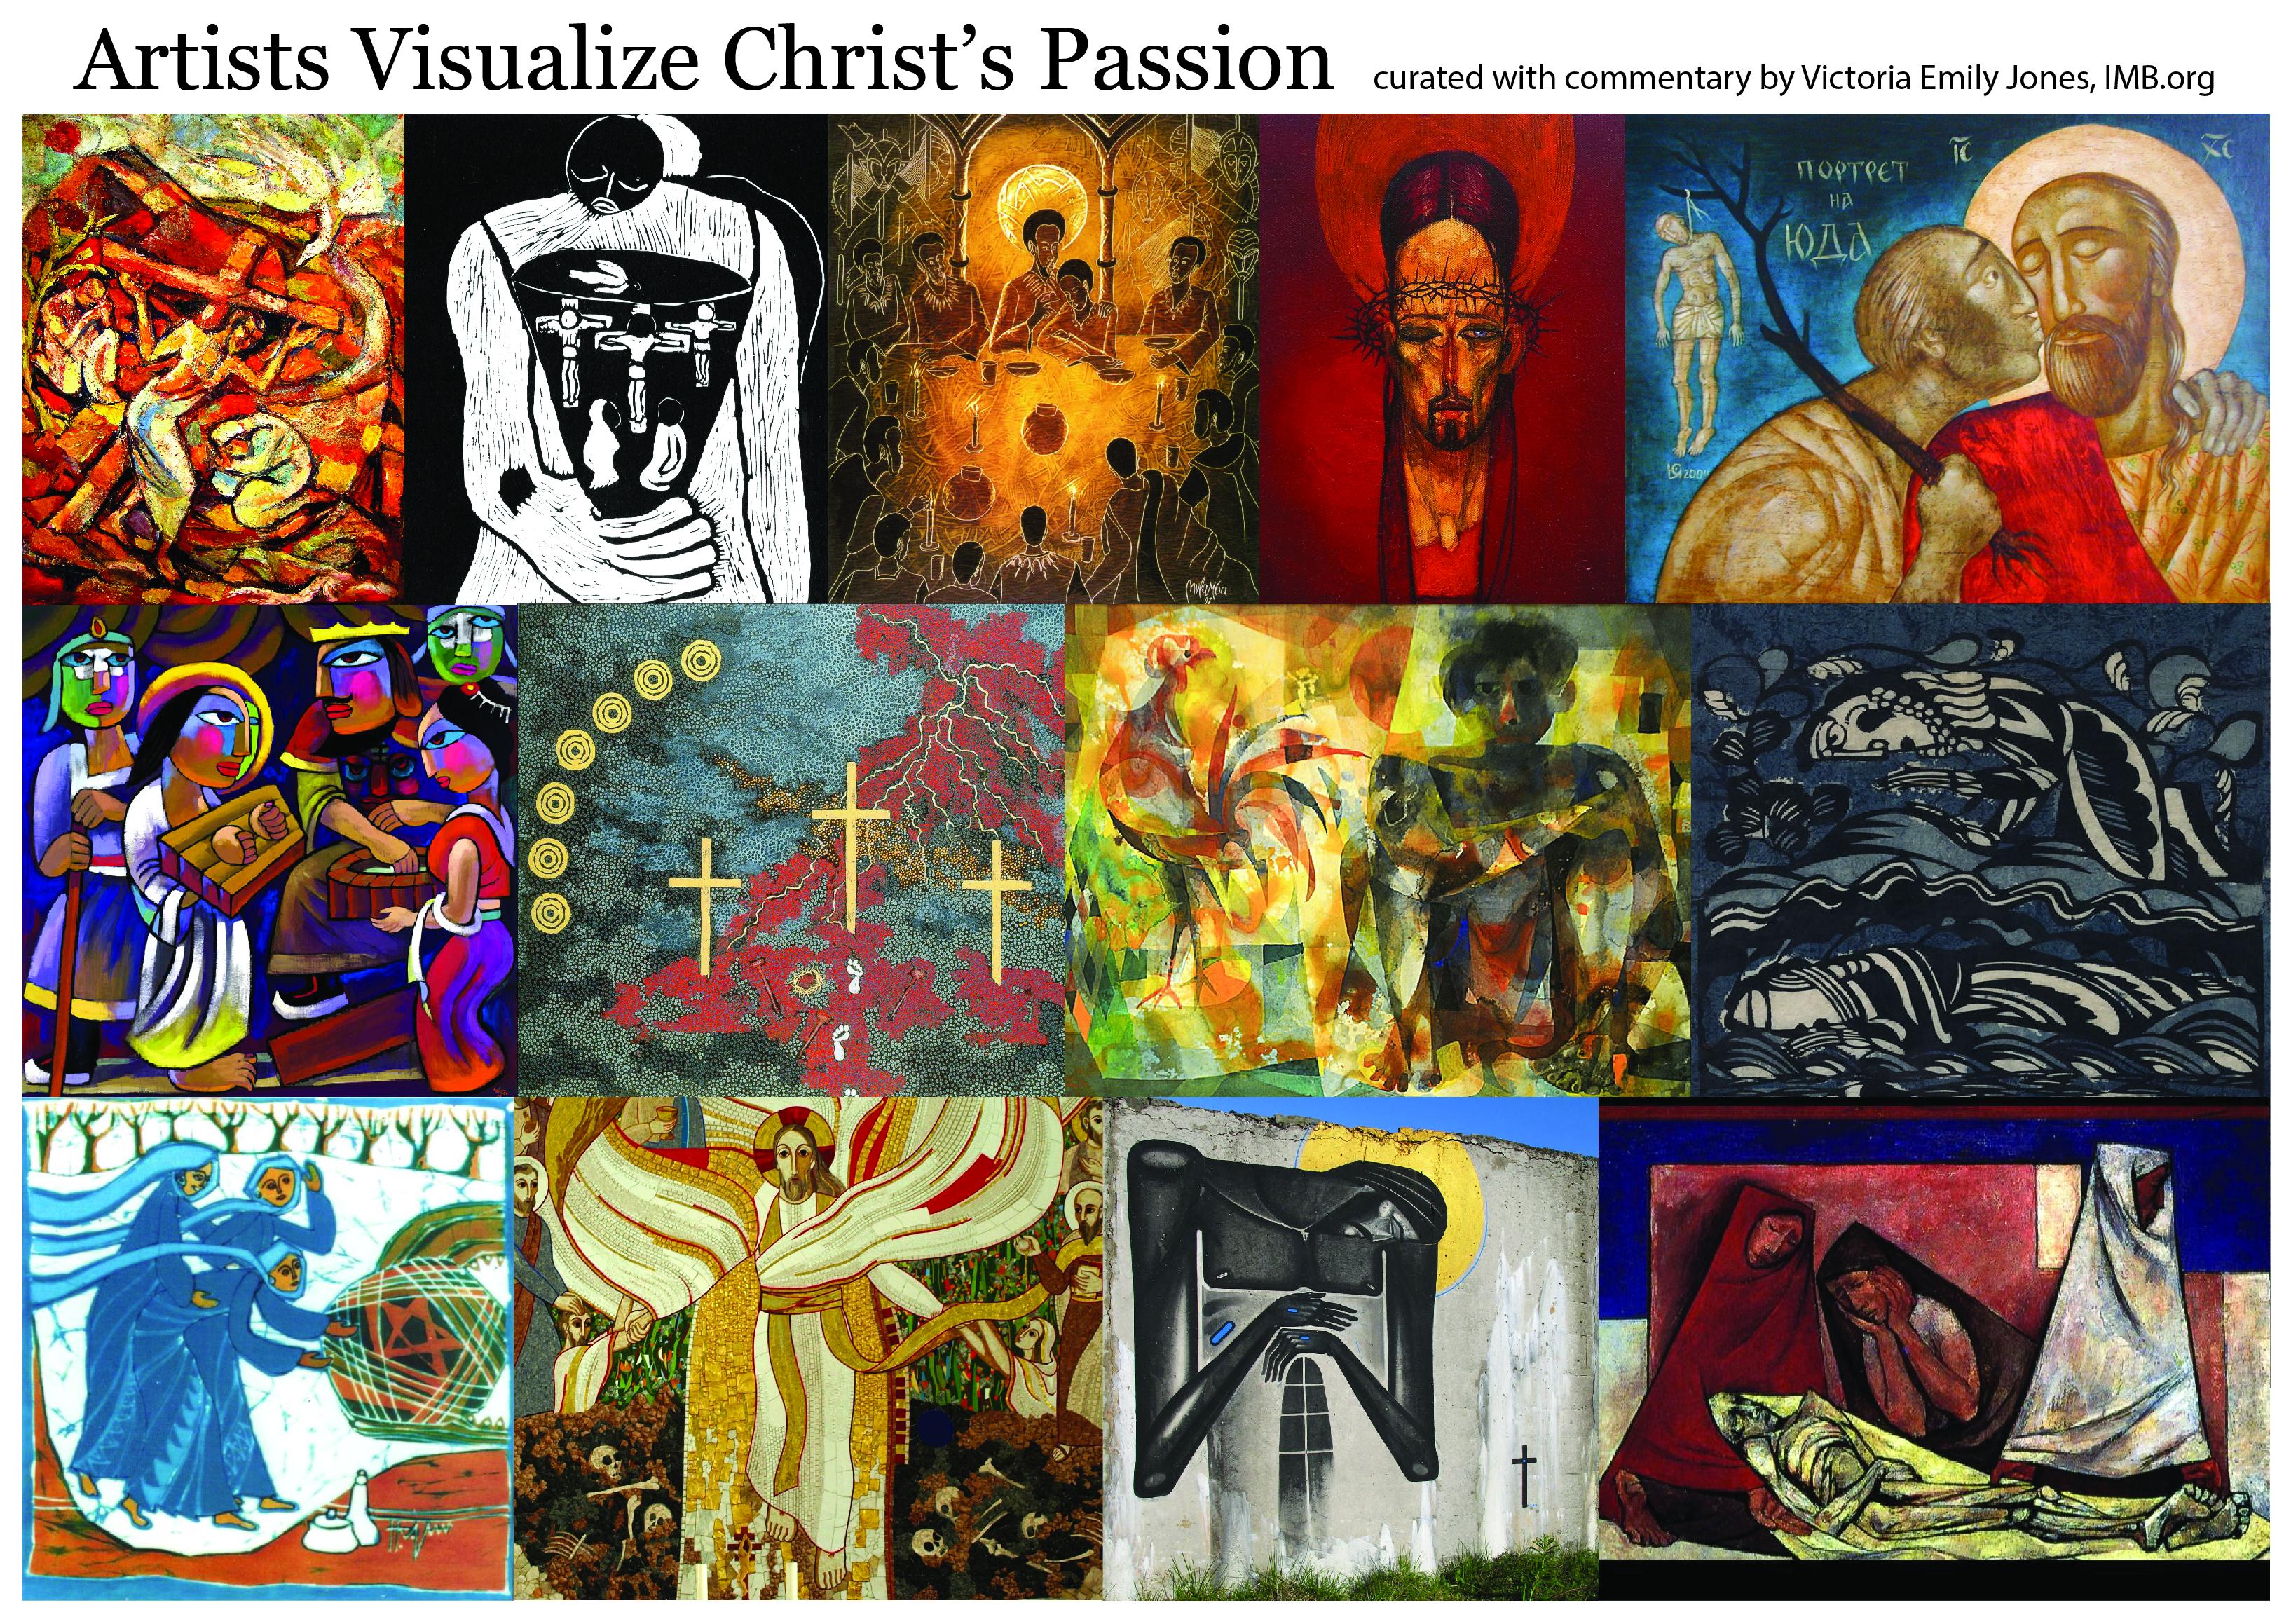 Holy Week art at IMB.org